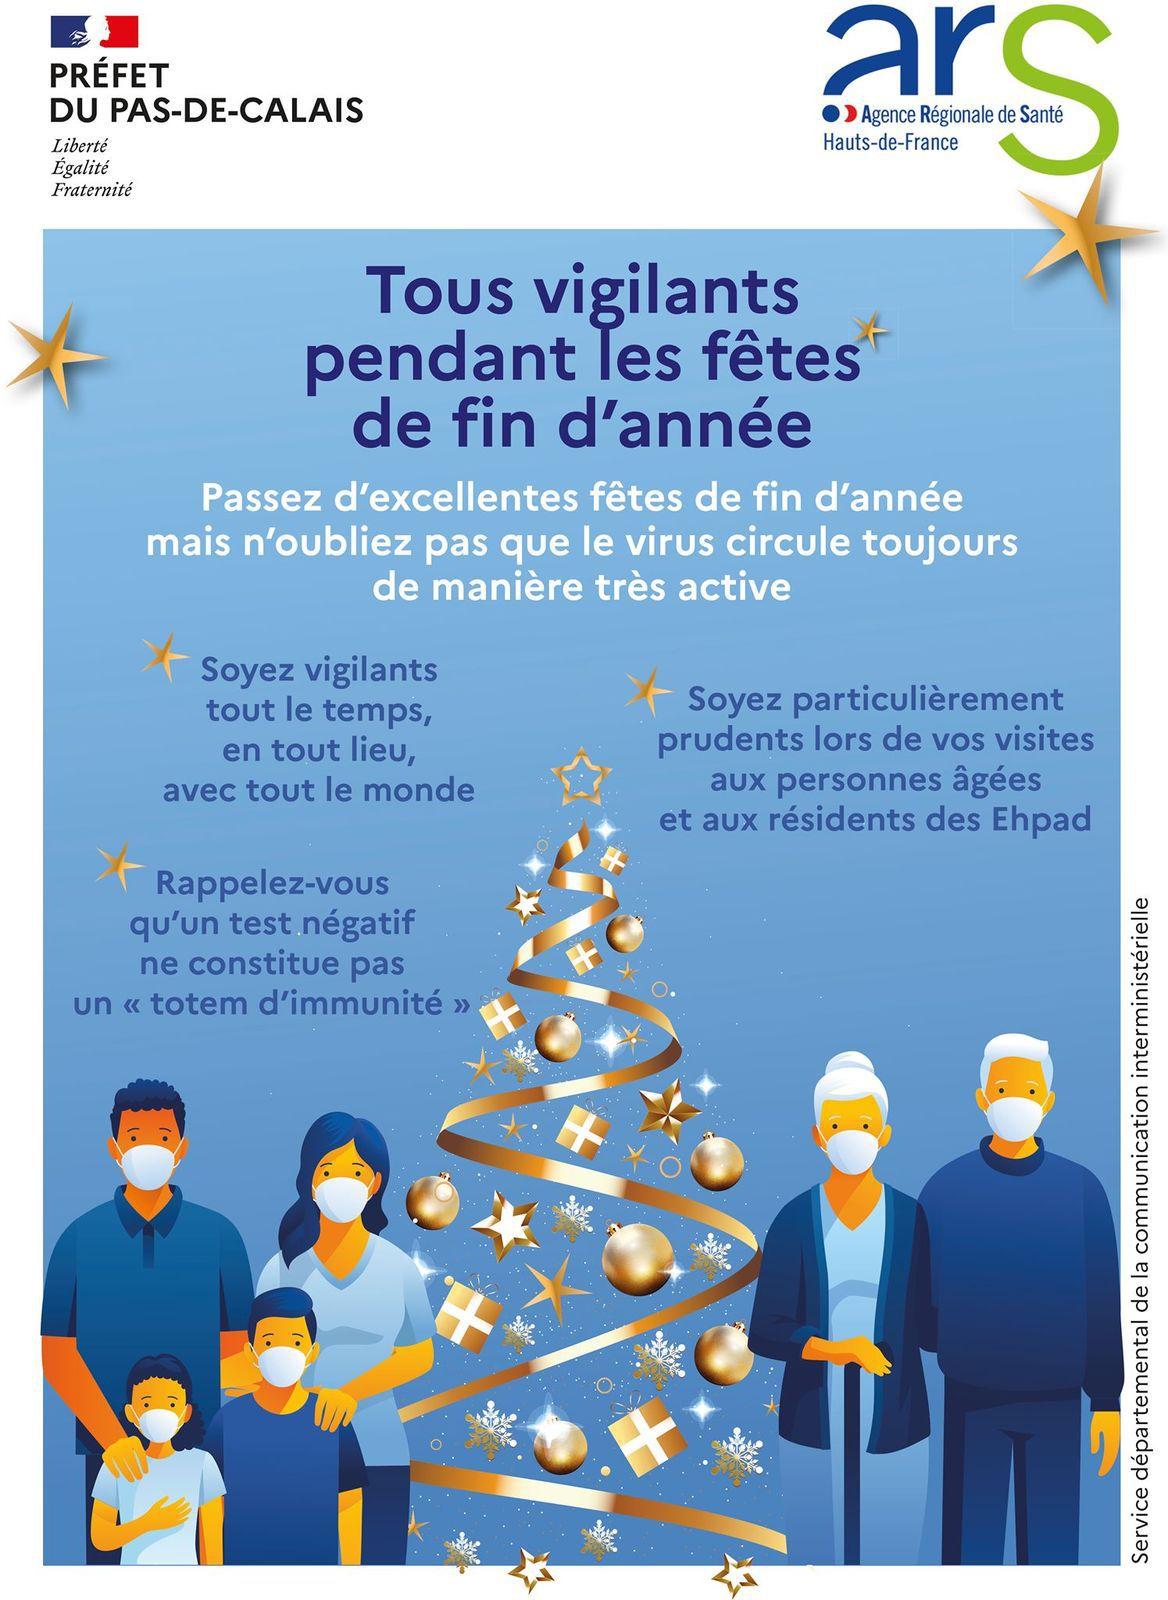 Restons tous vigilants pendant les fêtes de fin d'année !